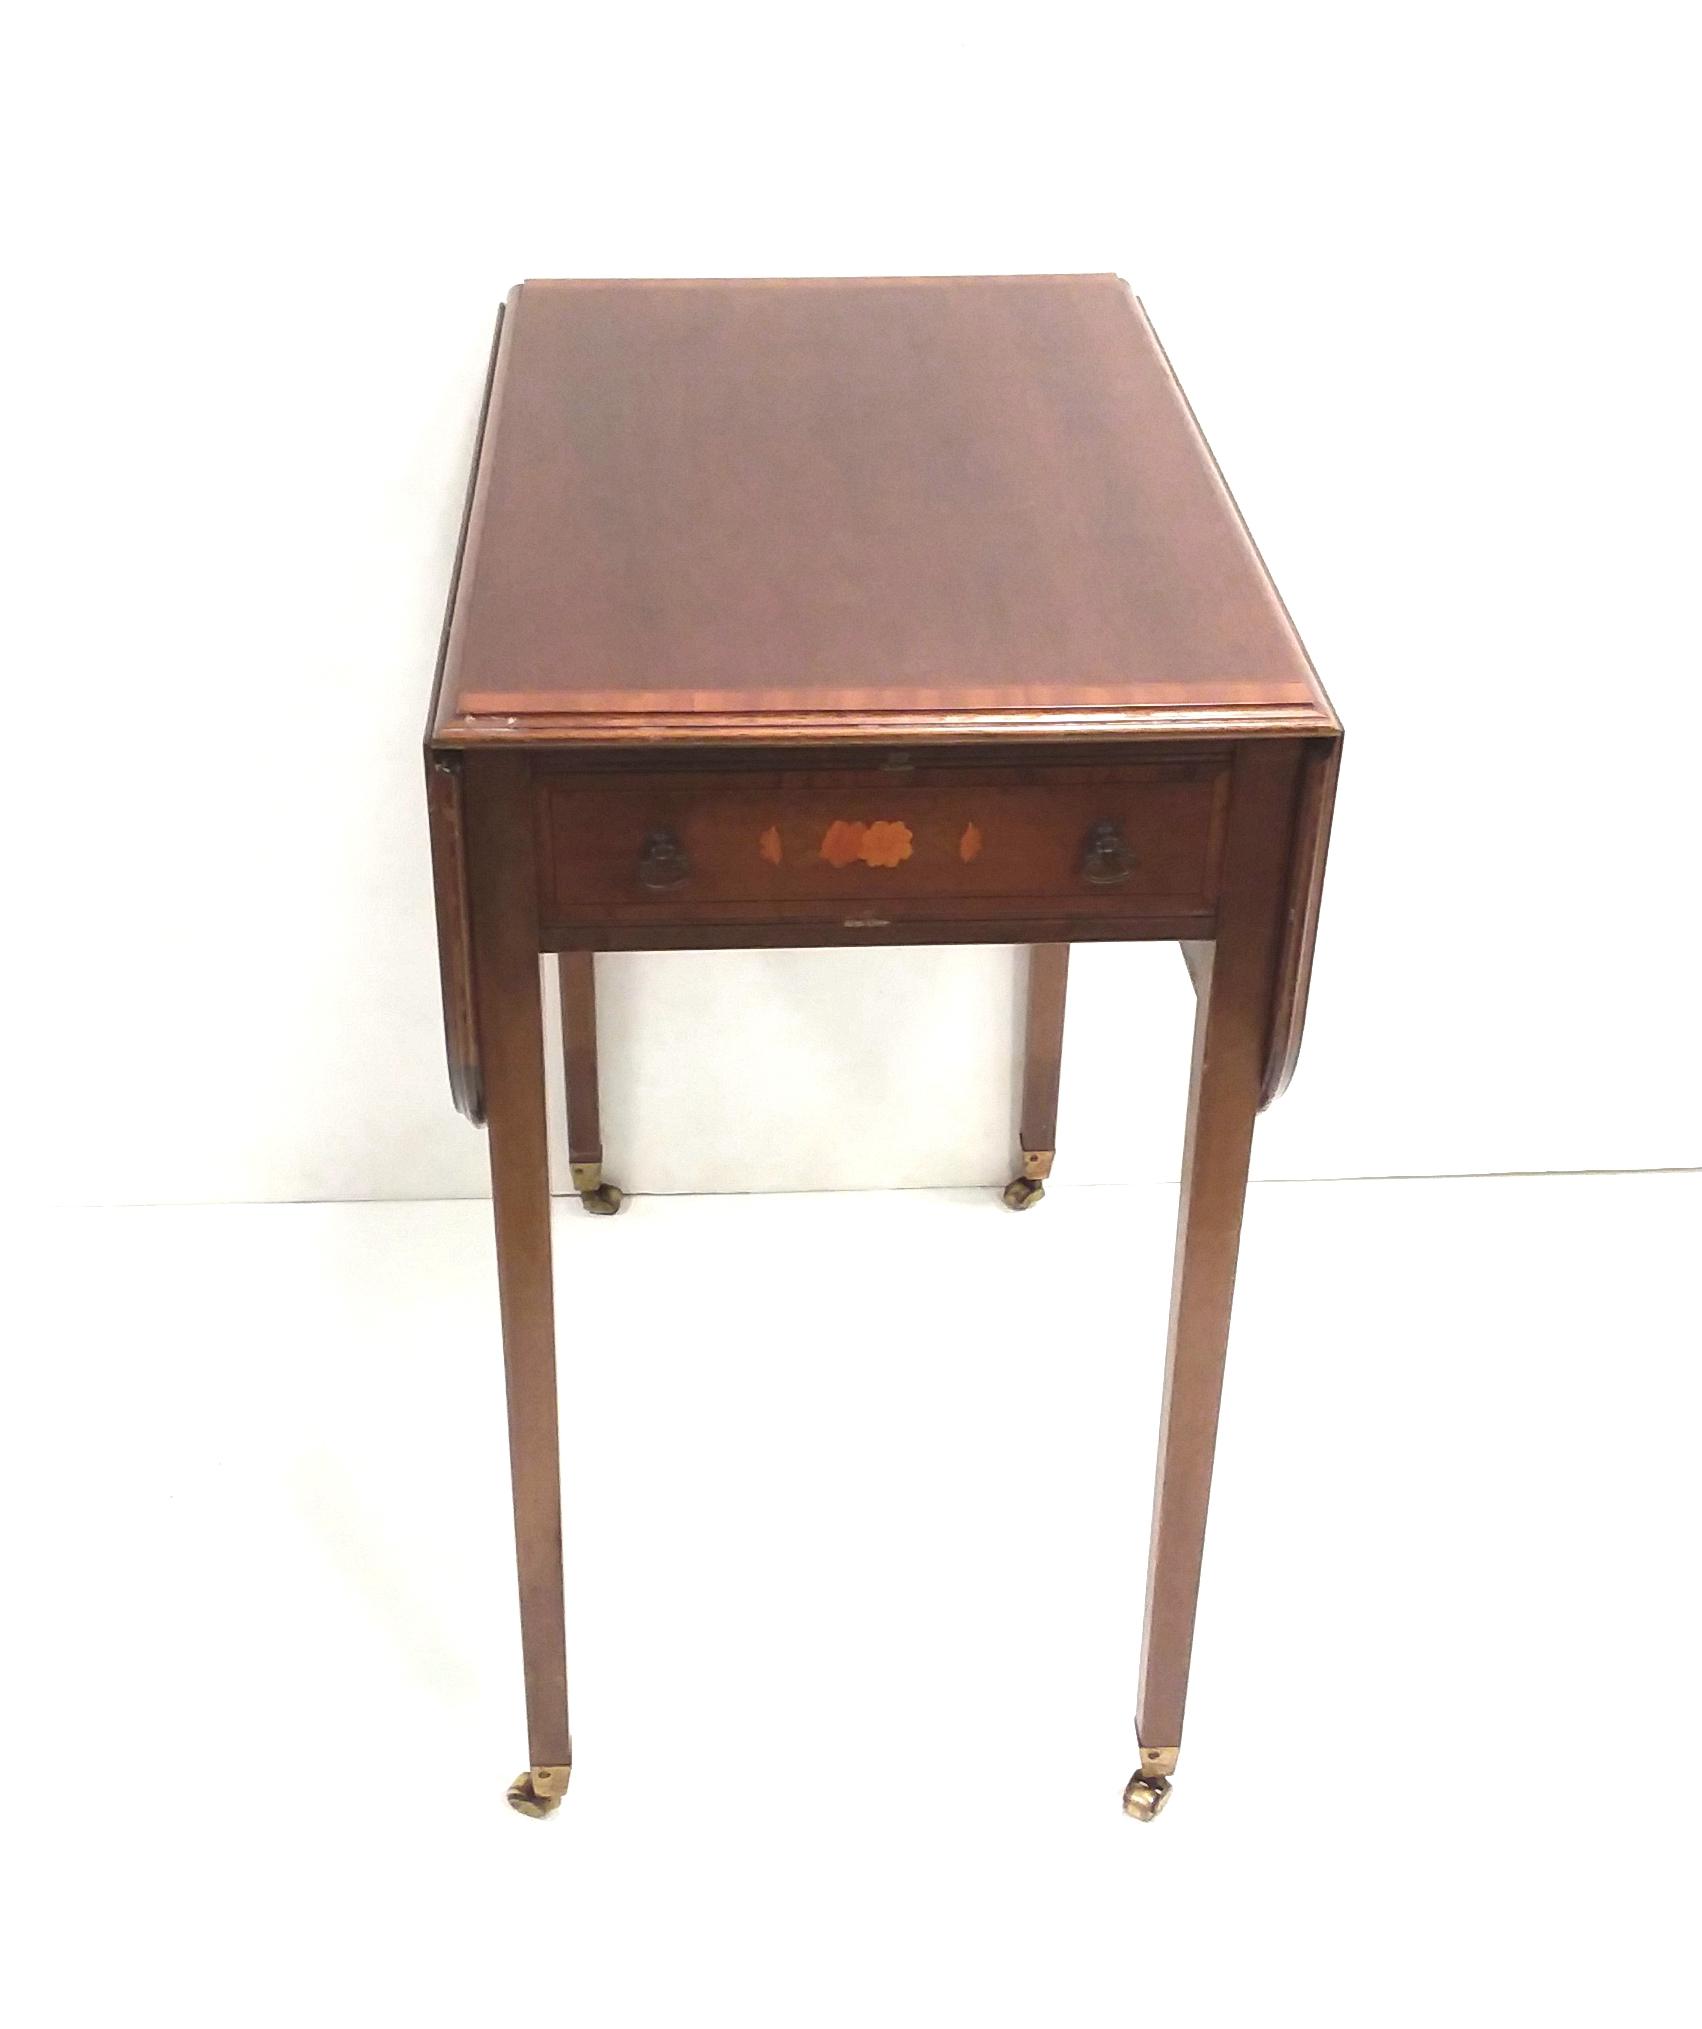 Antique_Edwardian_Miniature_Pembroke_Table